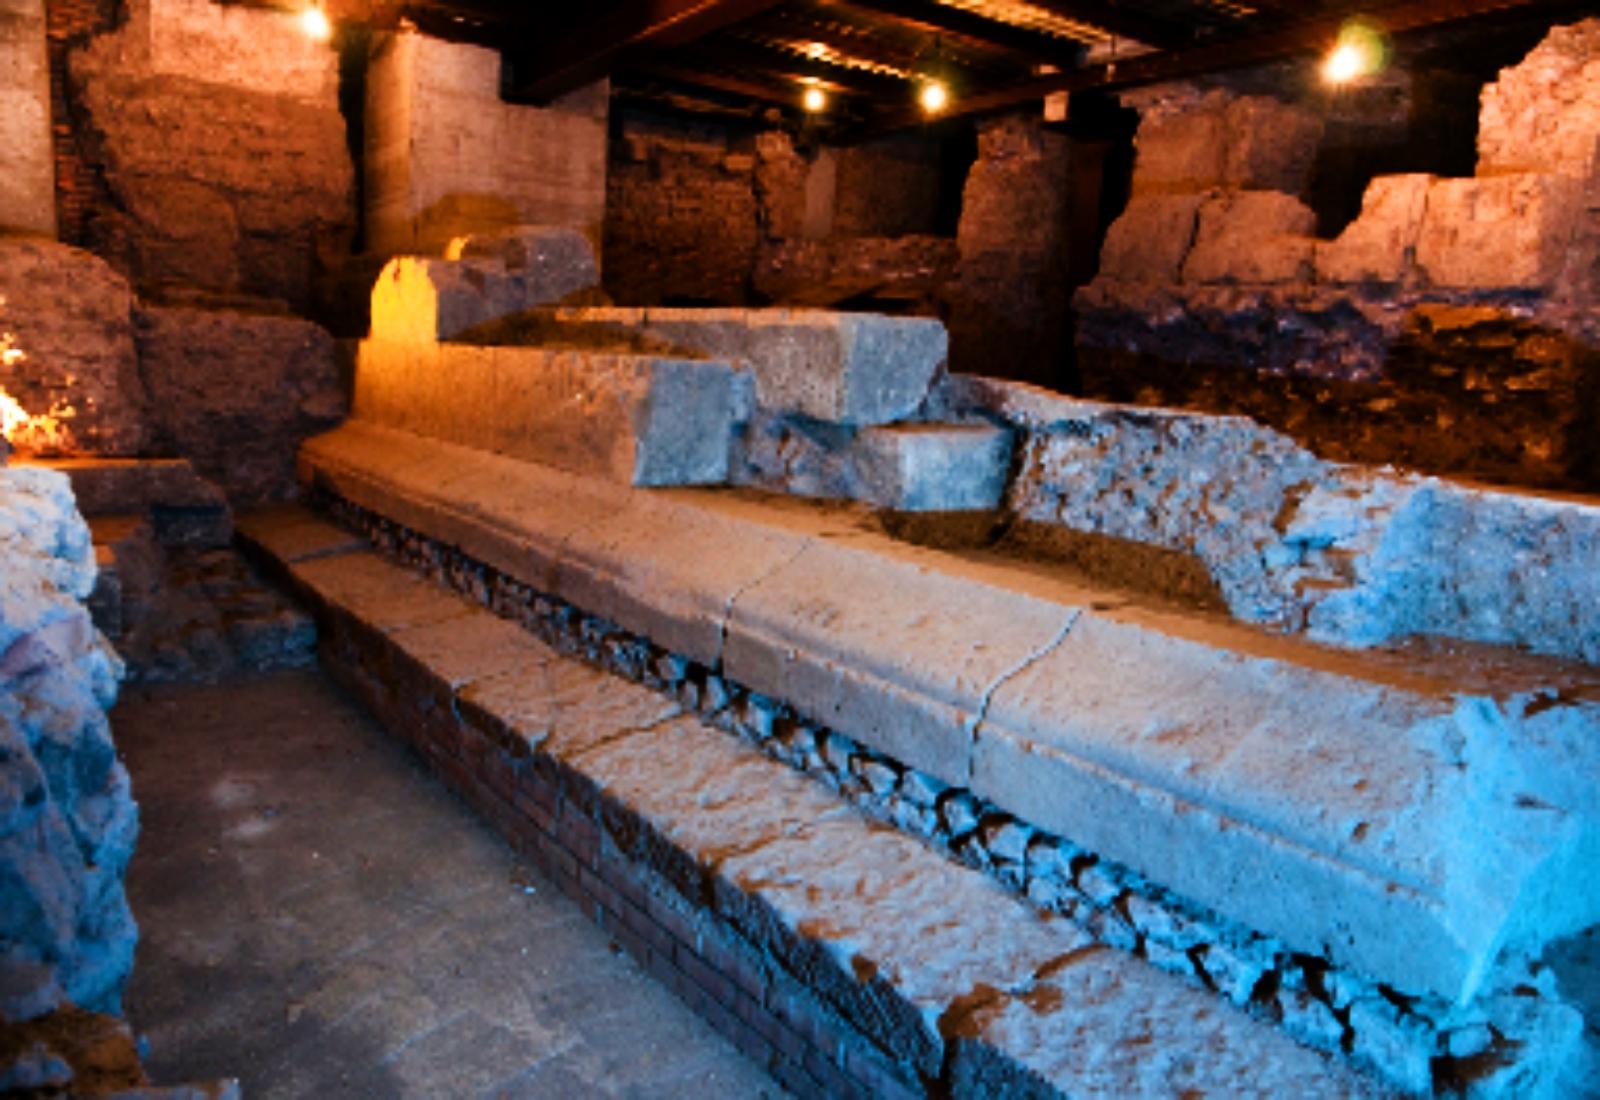 Domenica 8/03/20, h 15.30 I sotterranei dell'Isola Tiberina - Visita guidata con prenotazione obbligatoria